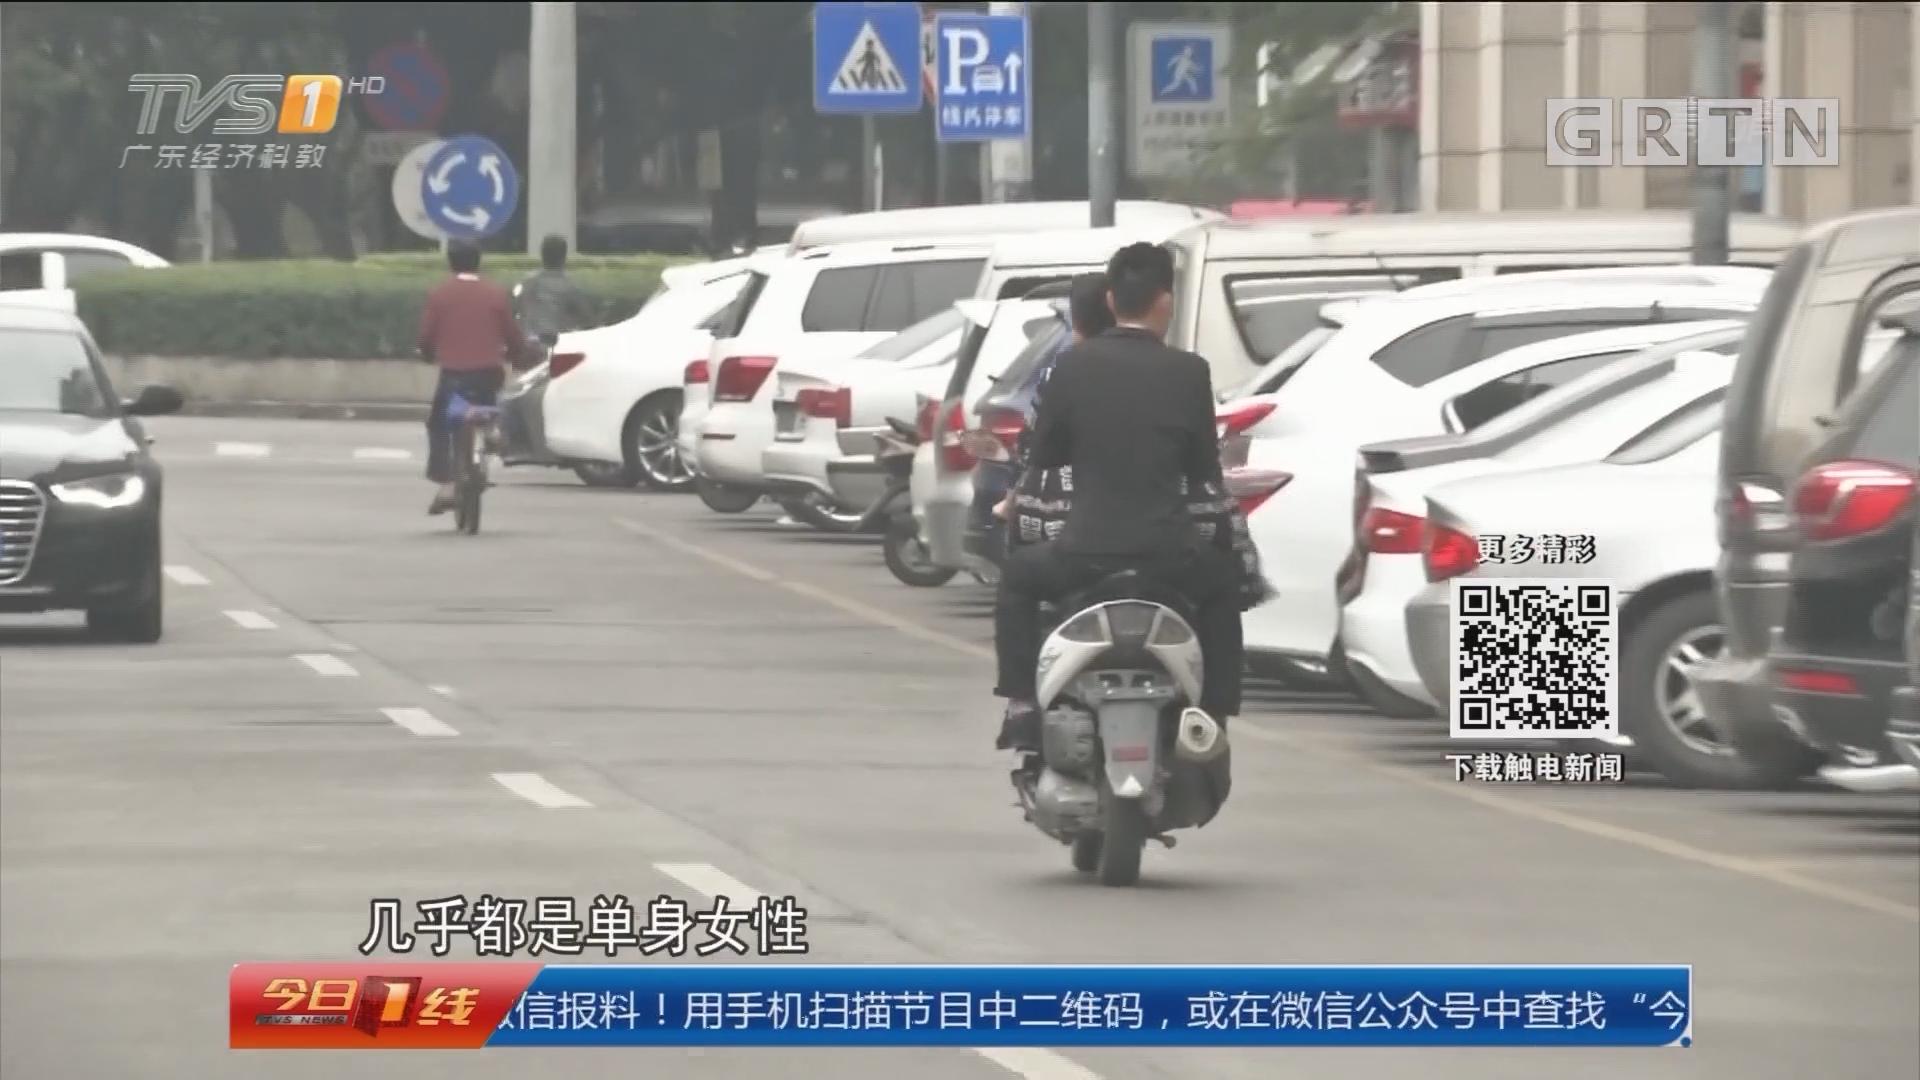 中山古镇:飞车贼专抢单身女 被抓获刑拘